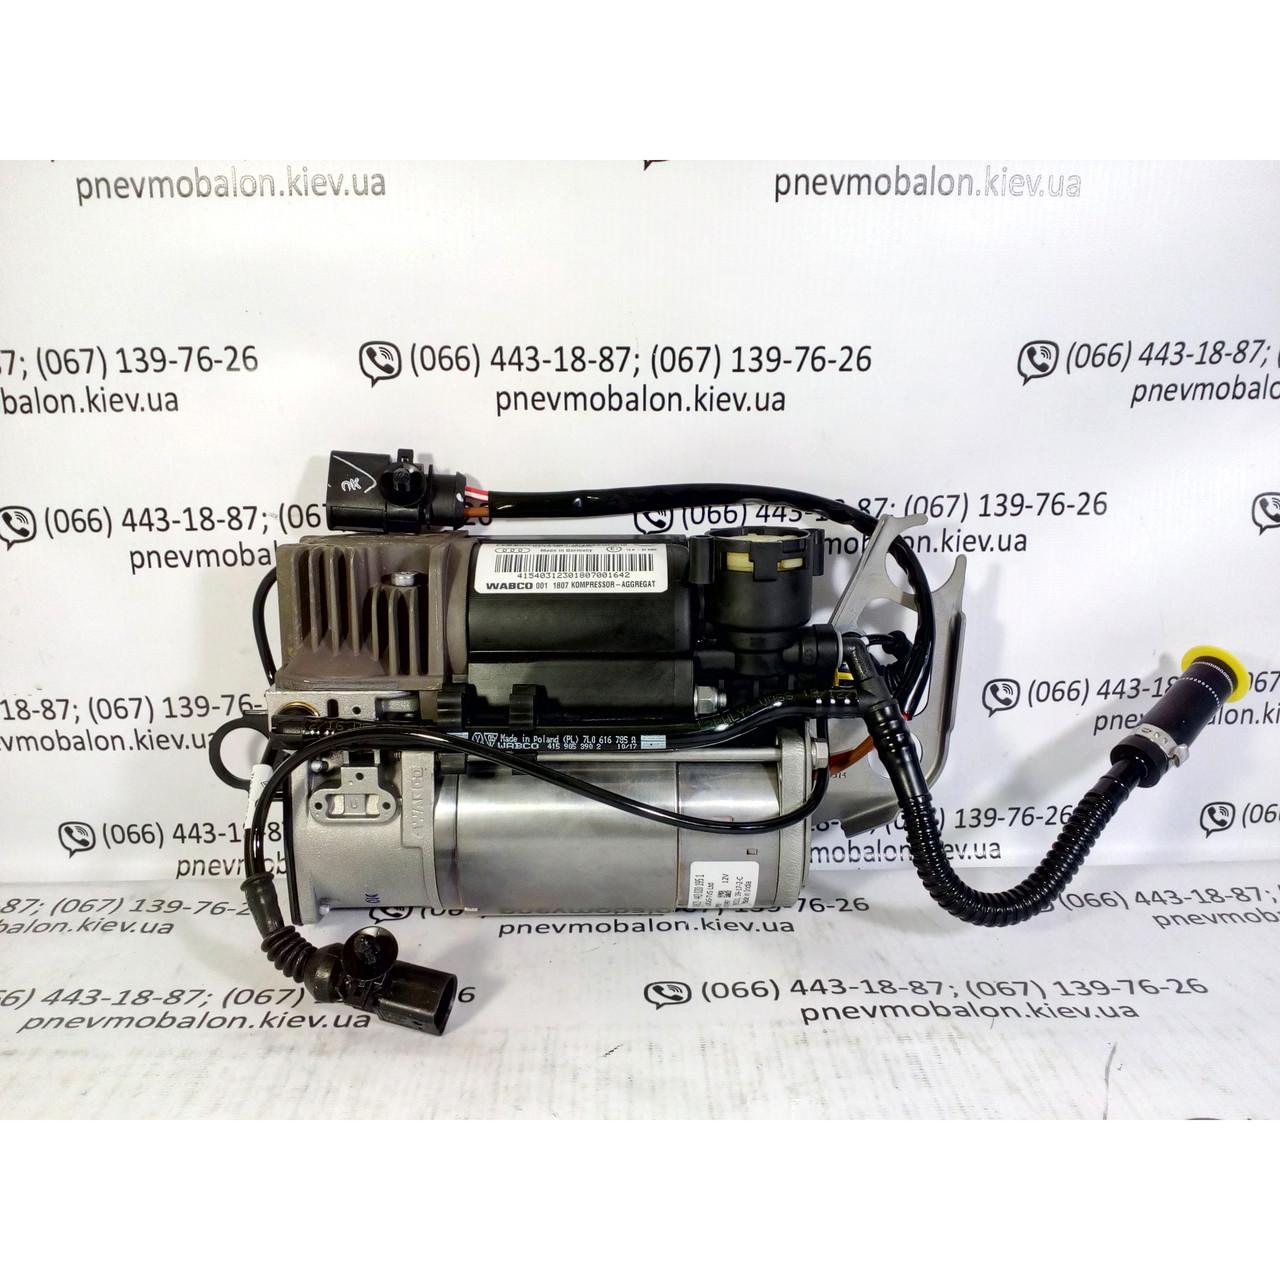 Компрессор пневмоподвески Audi Q7 до 2015 года Оригинал